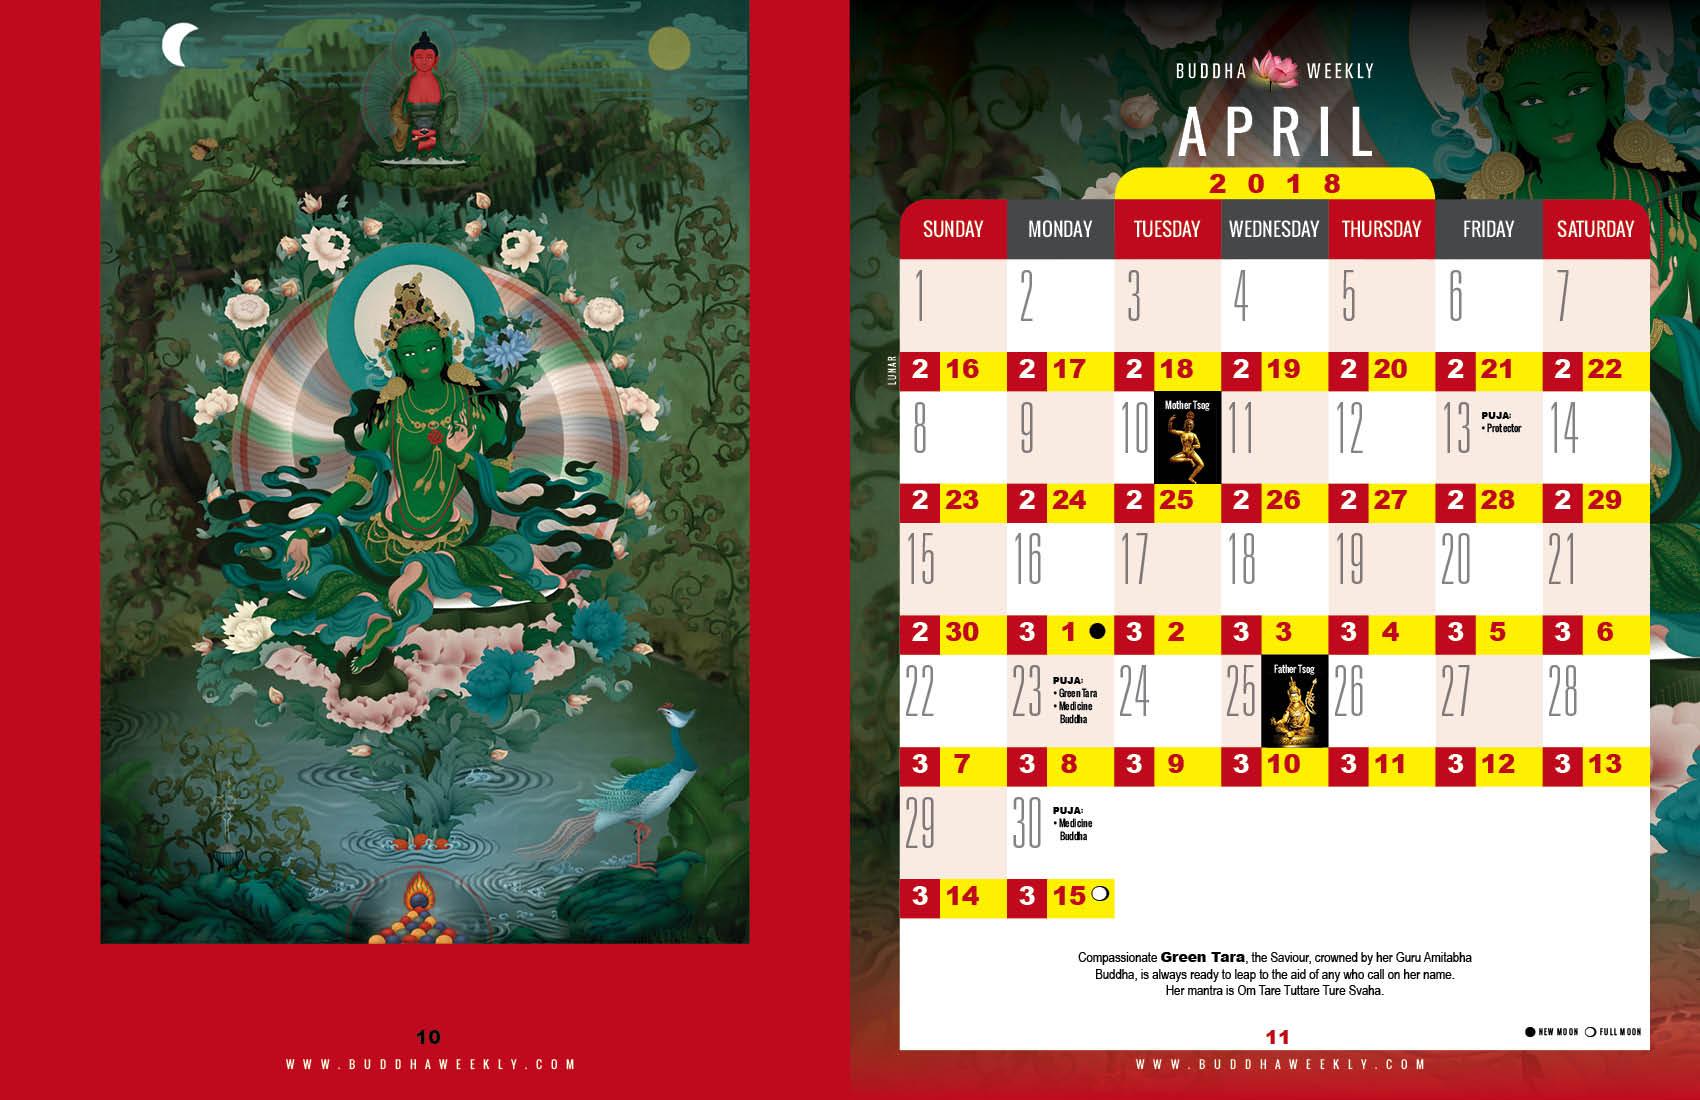 Lunar Calendar 2018 12 Buddha Weekly 4 April low 4